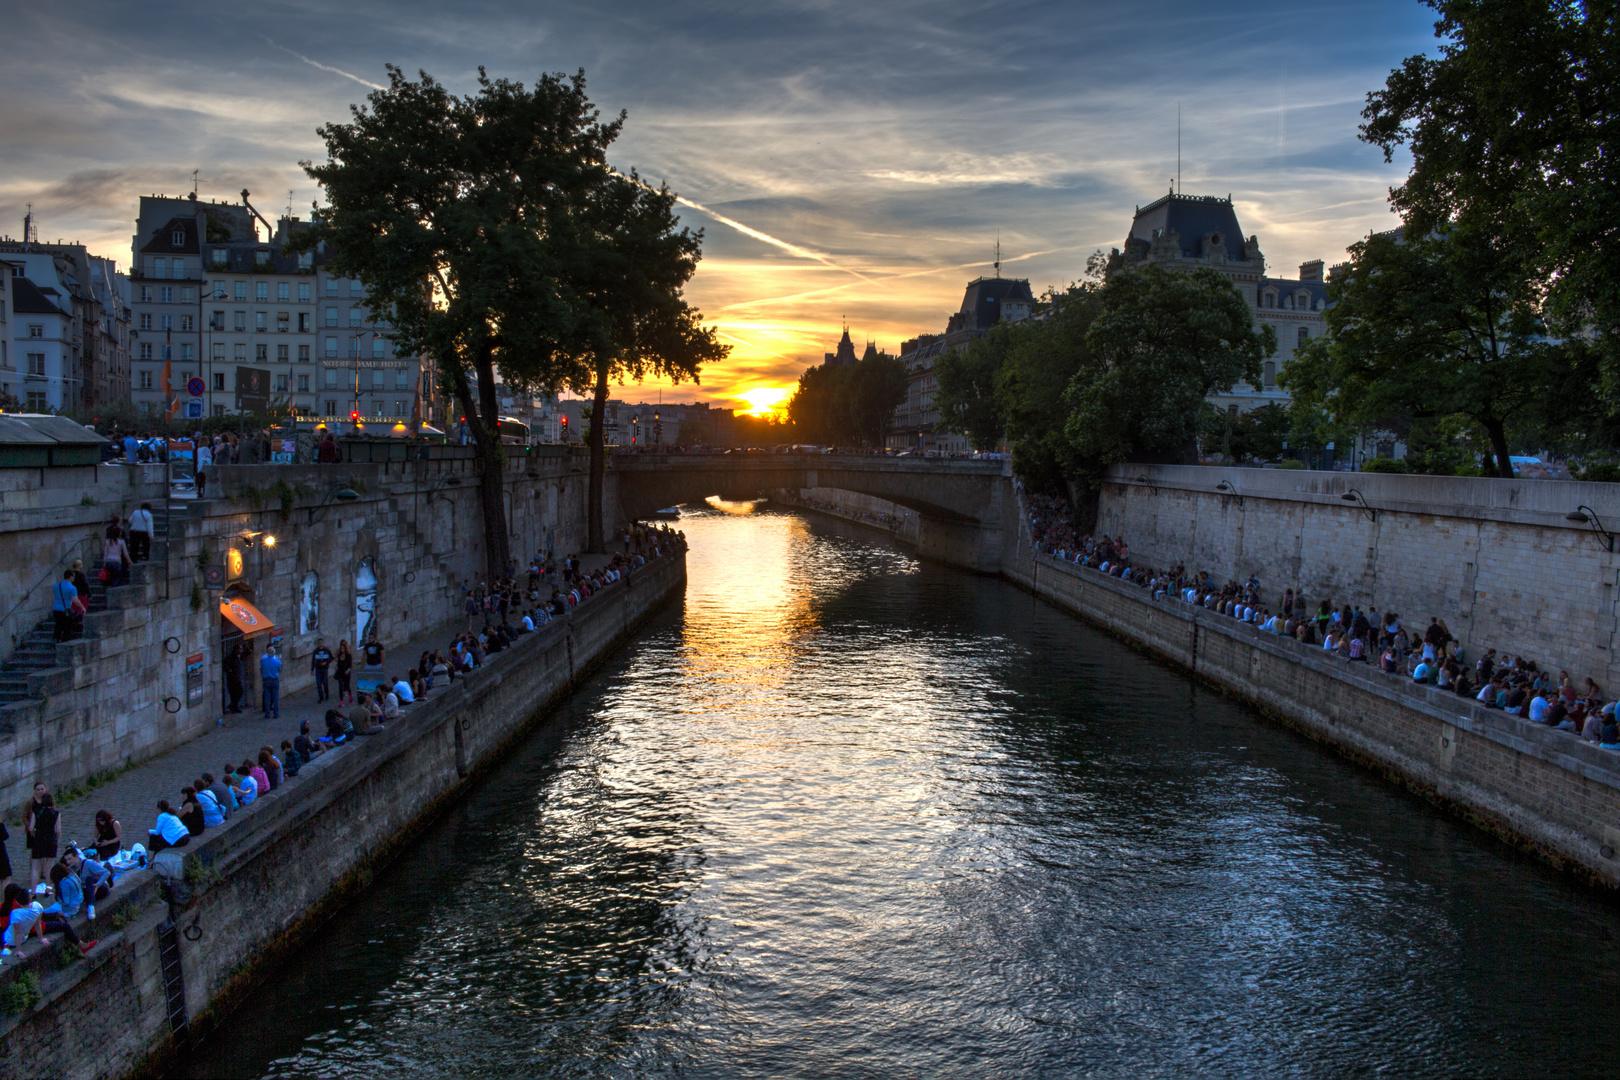 Sonnenuntergang an der Seine in Paris in einem HDR-Bild eingefangen